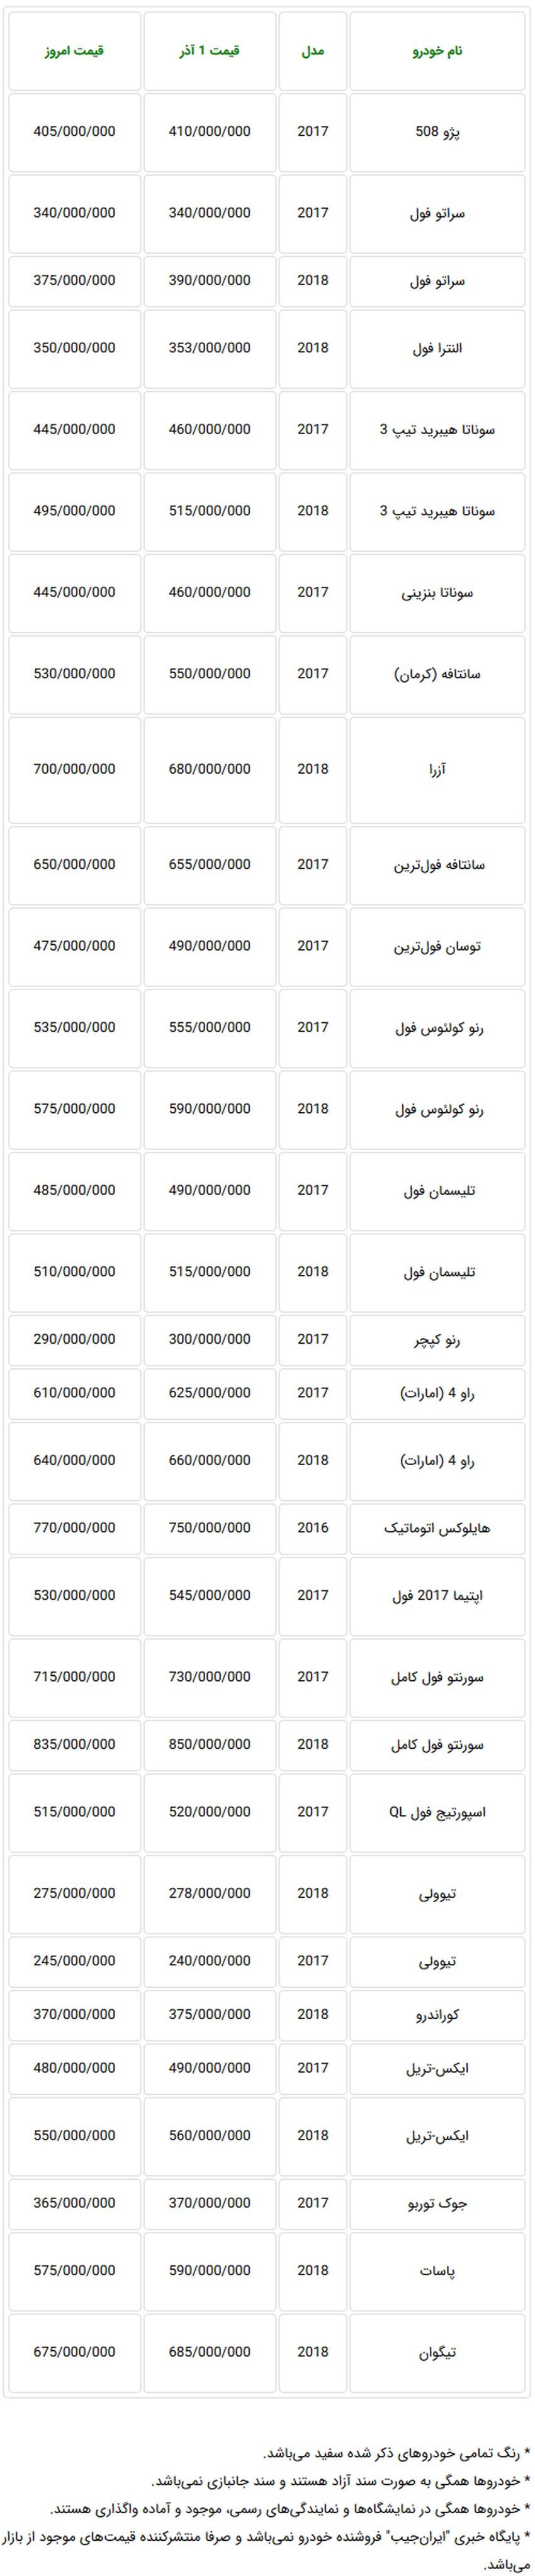 قیمت خودروهای وارداتی در بازار تهران کاهش یافت + جدول